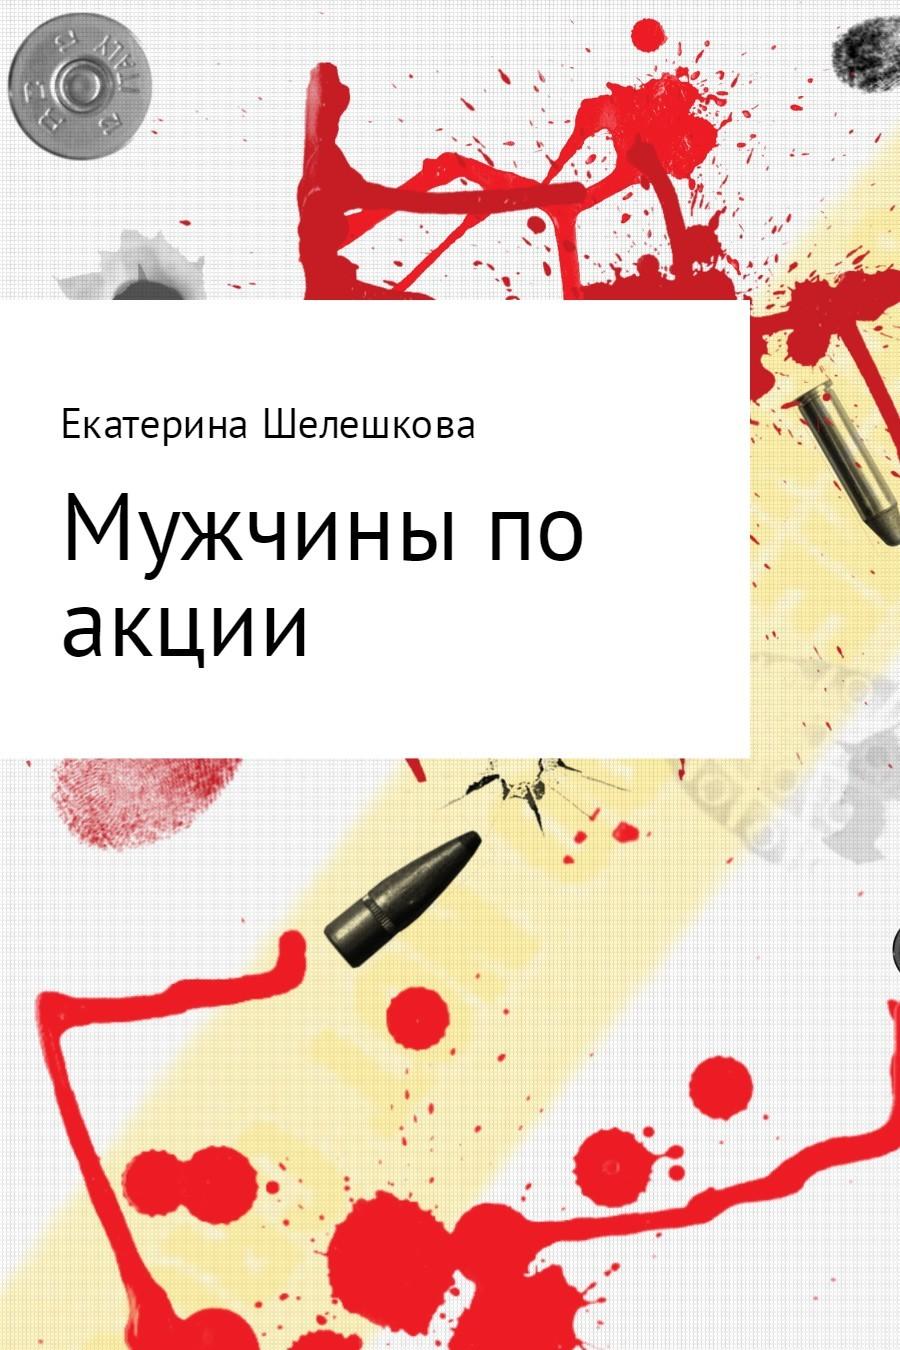 Екатерина Шелешкова - Мужчины по акции